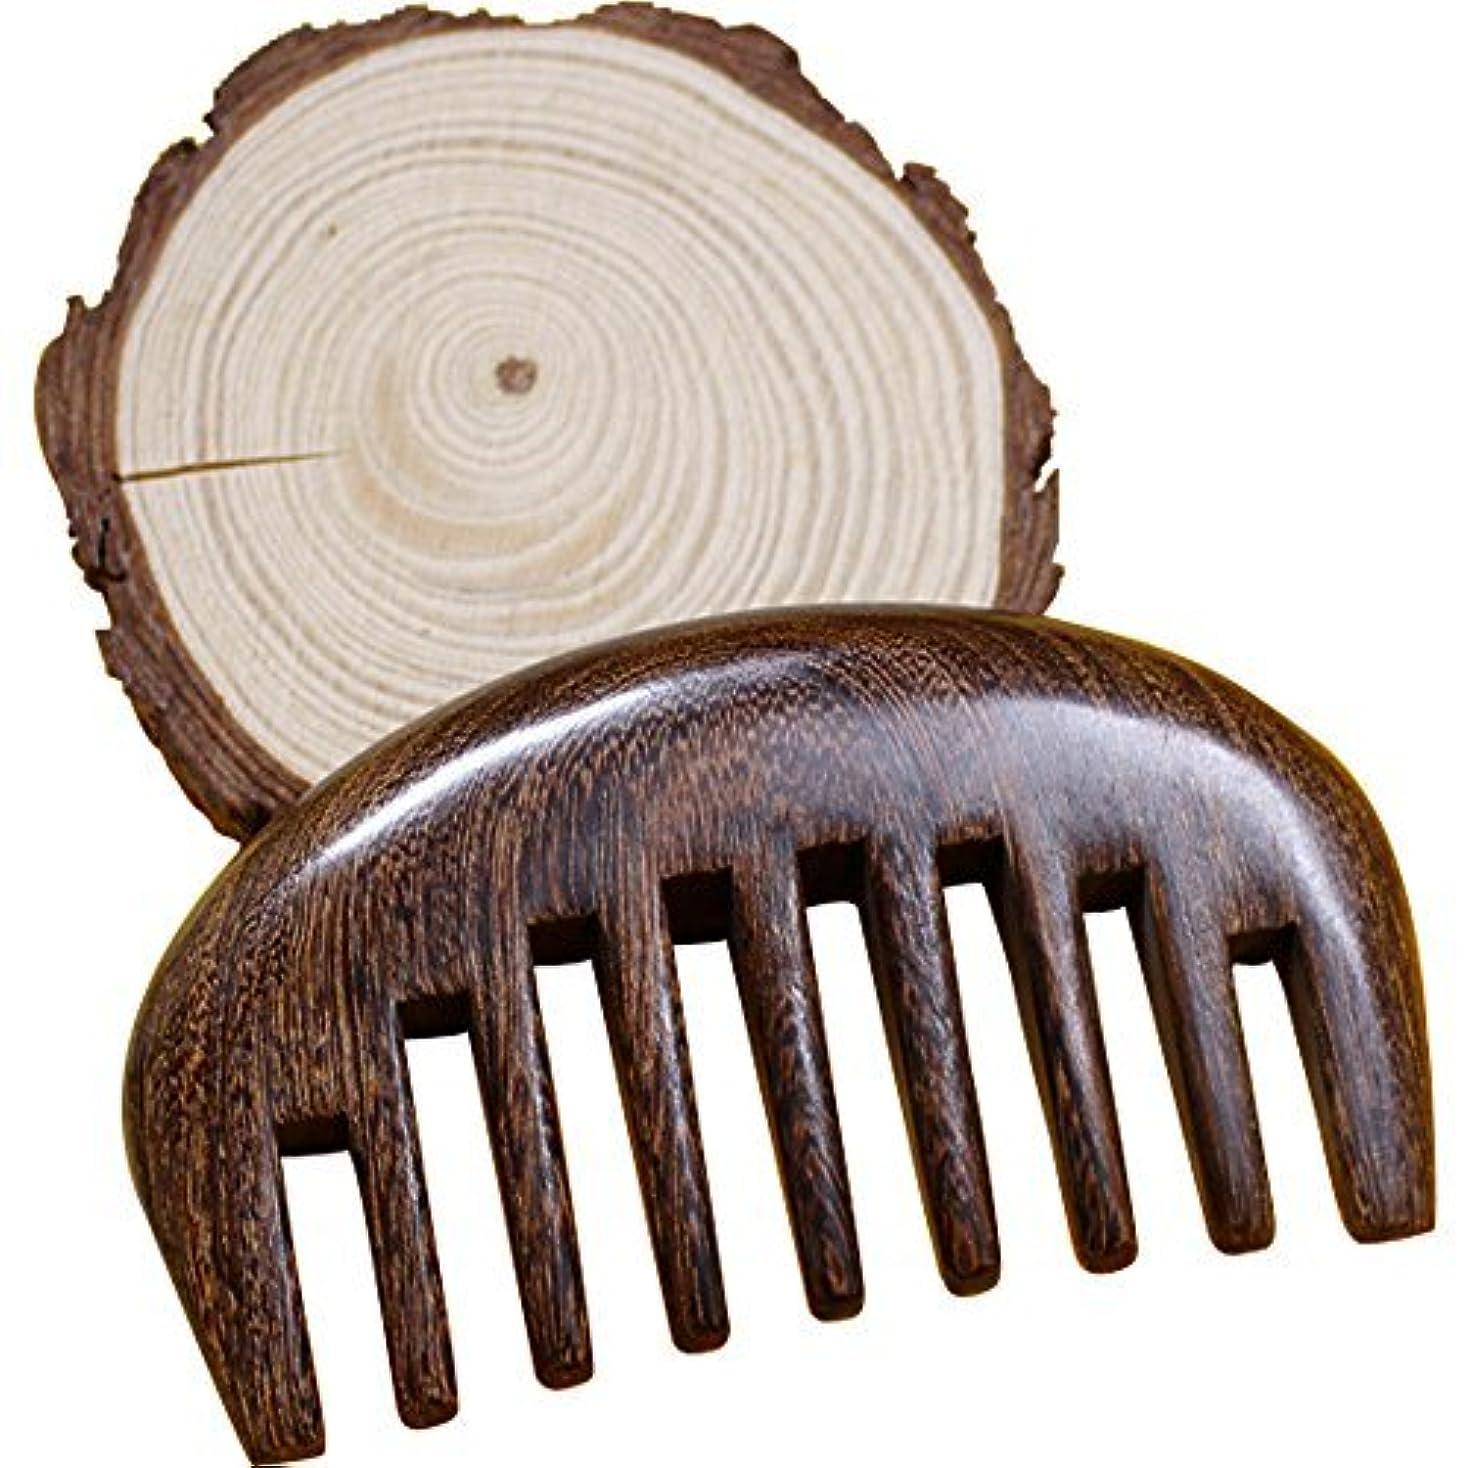 ワイプ牽引電気のWood comb Wooden wide tooth hair comb detangler brush -Anti Static Sandalwood Scent handmad with gift package...